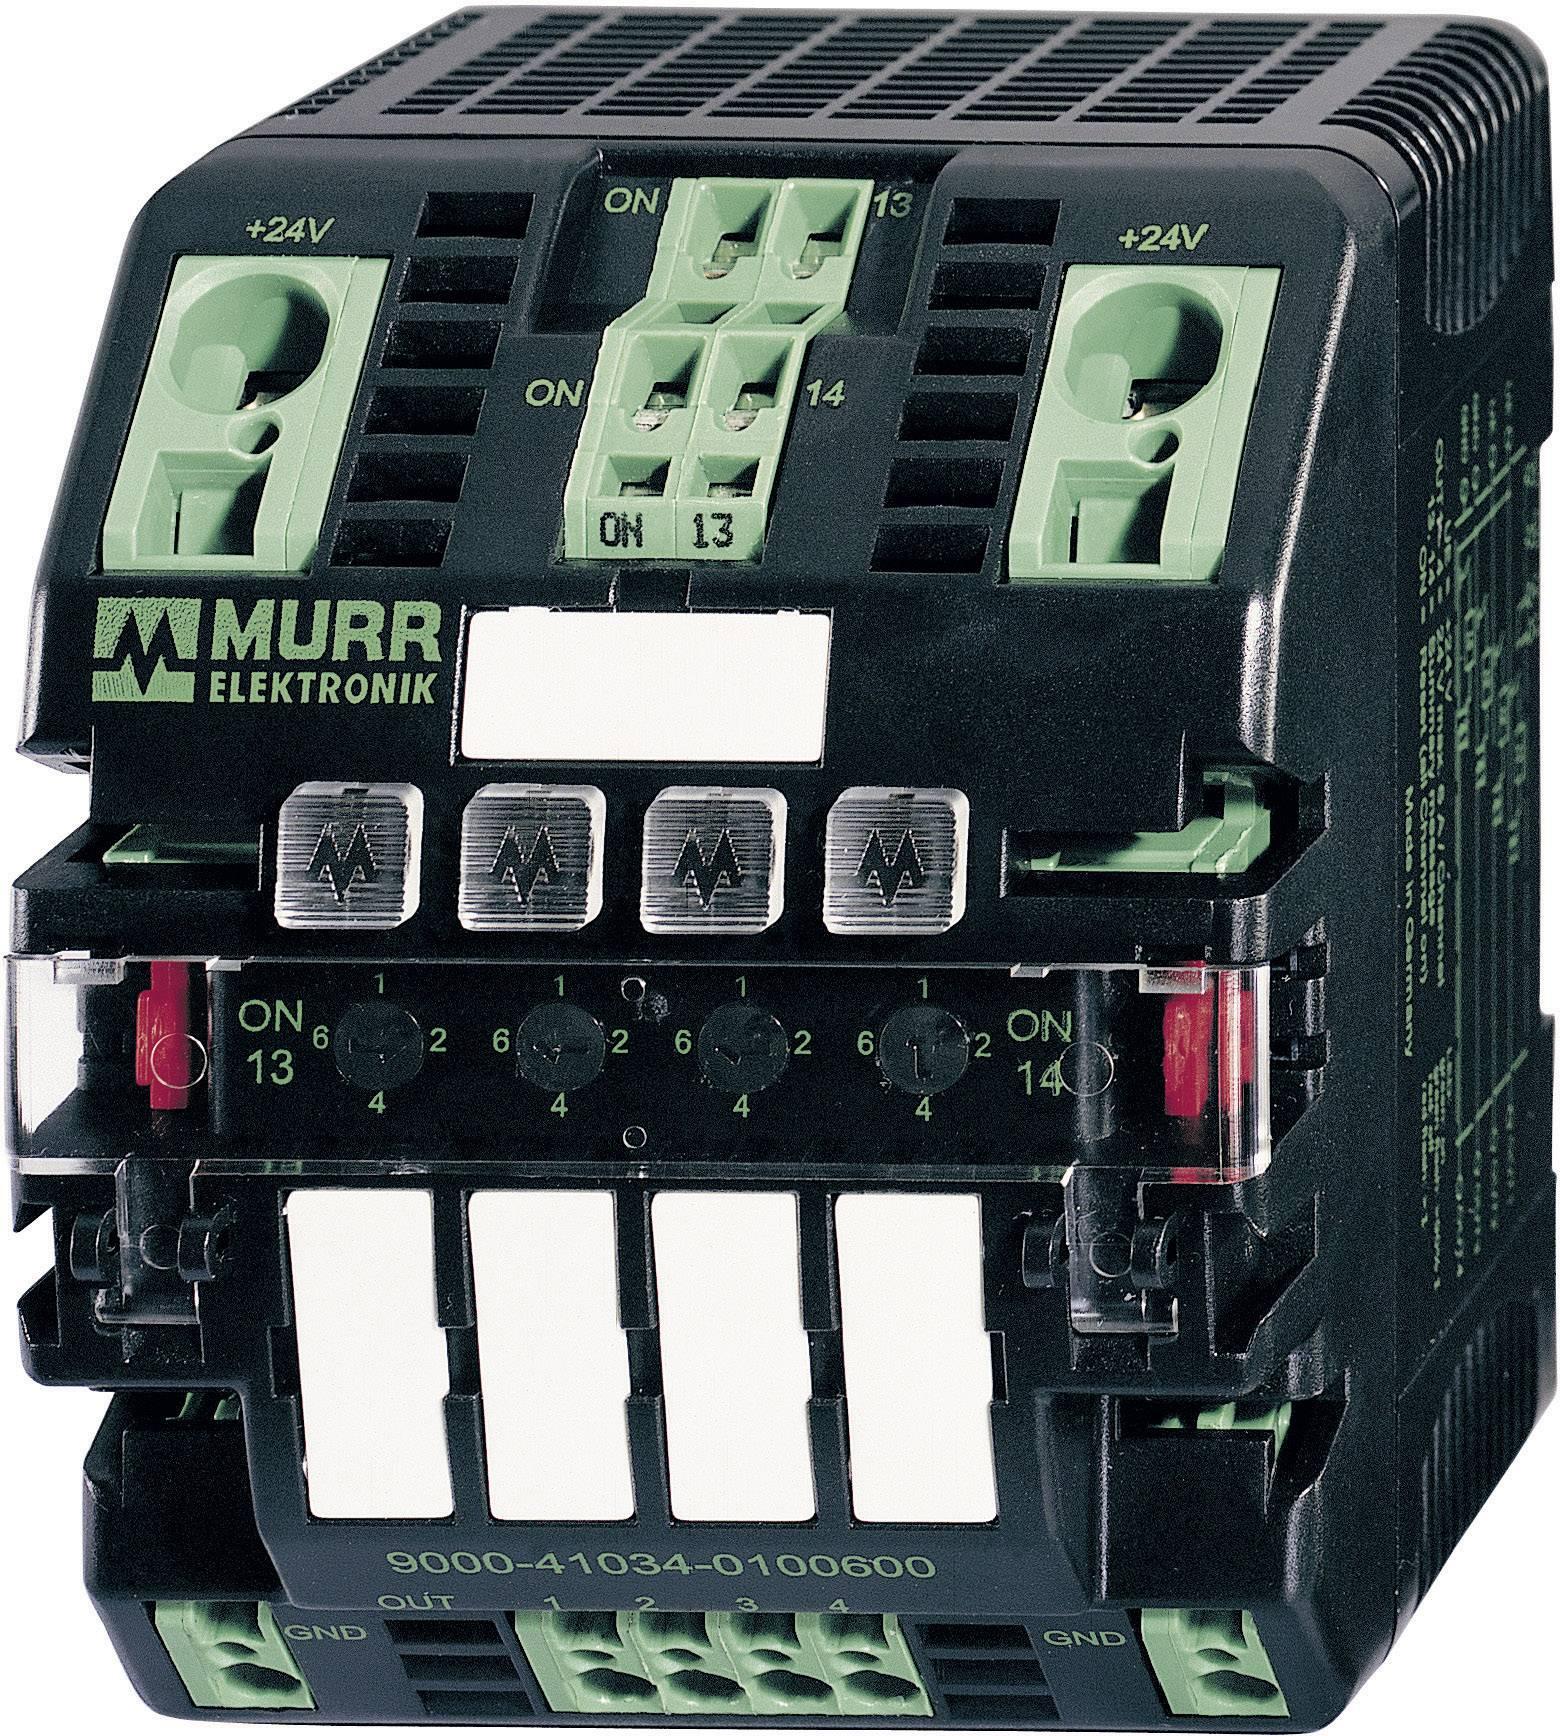 Regulátor zátěže Murr Elektronik Mico 4.10 na DIN lištu, 24 V/DC, max.10 A